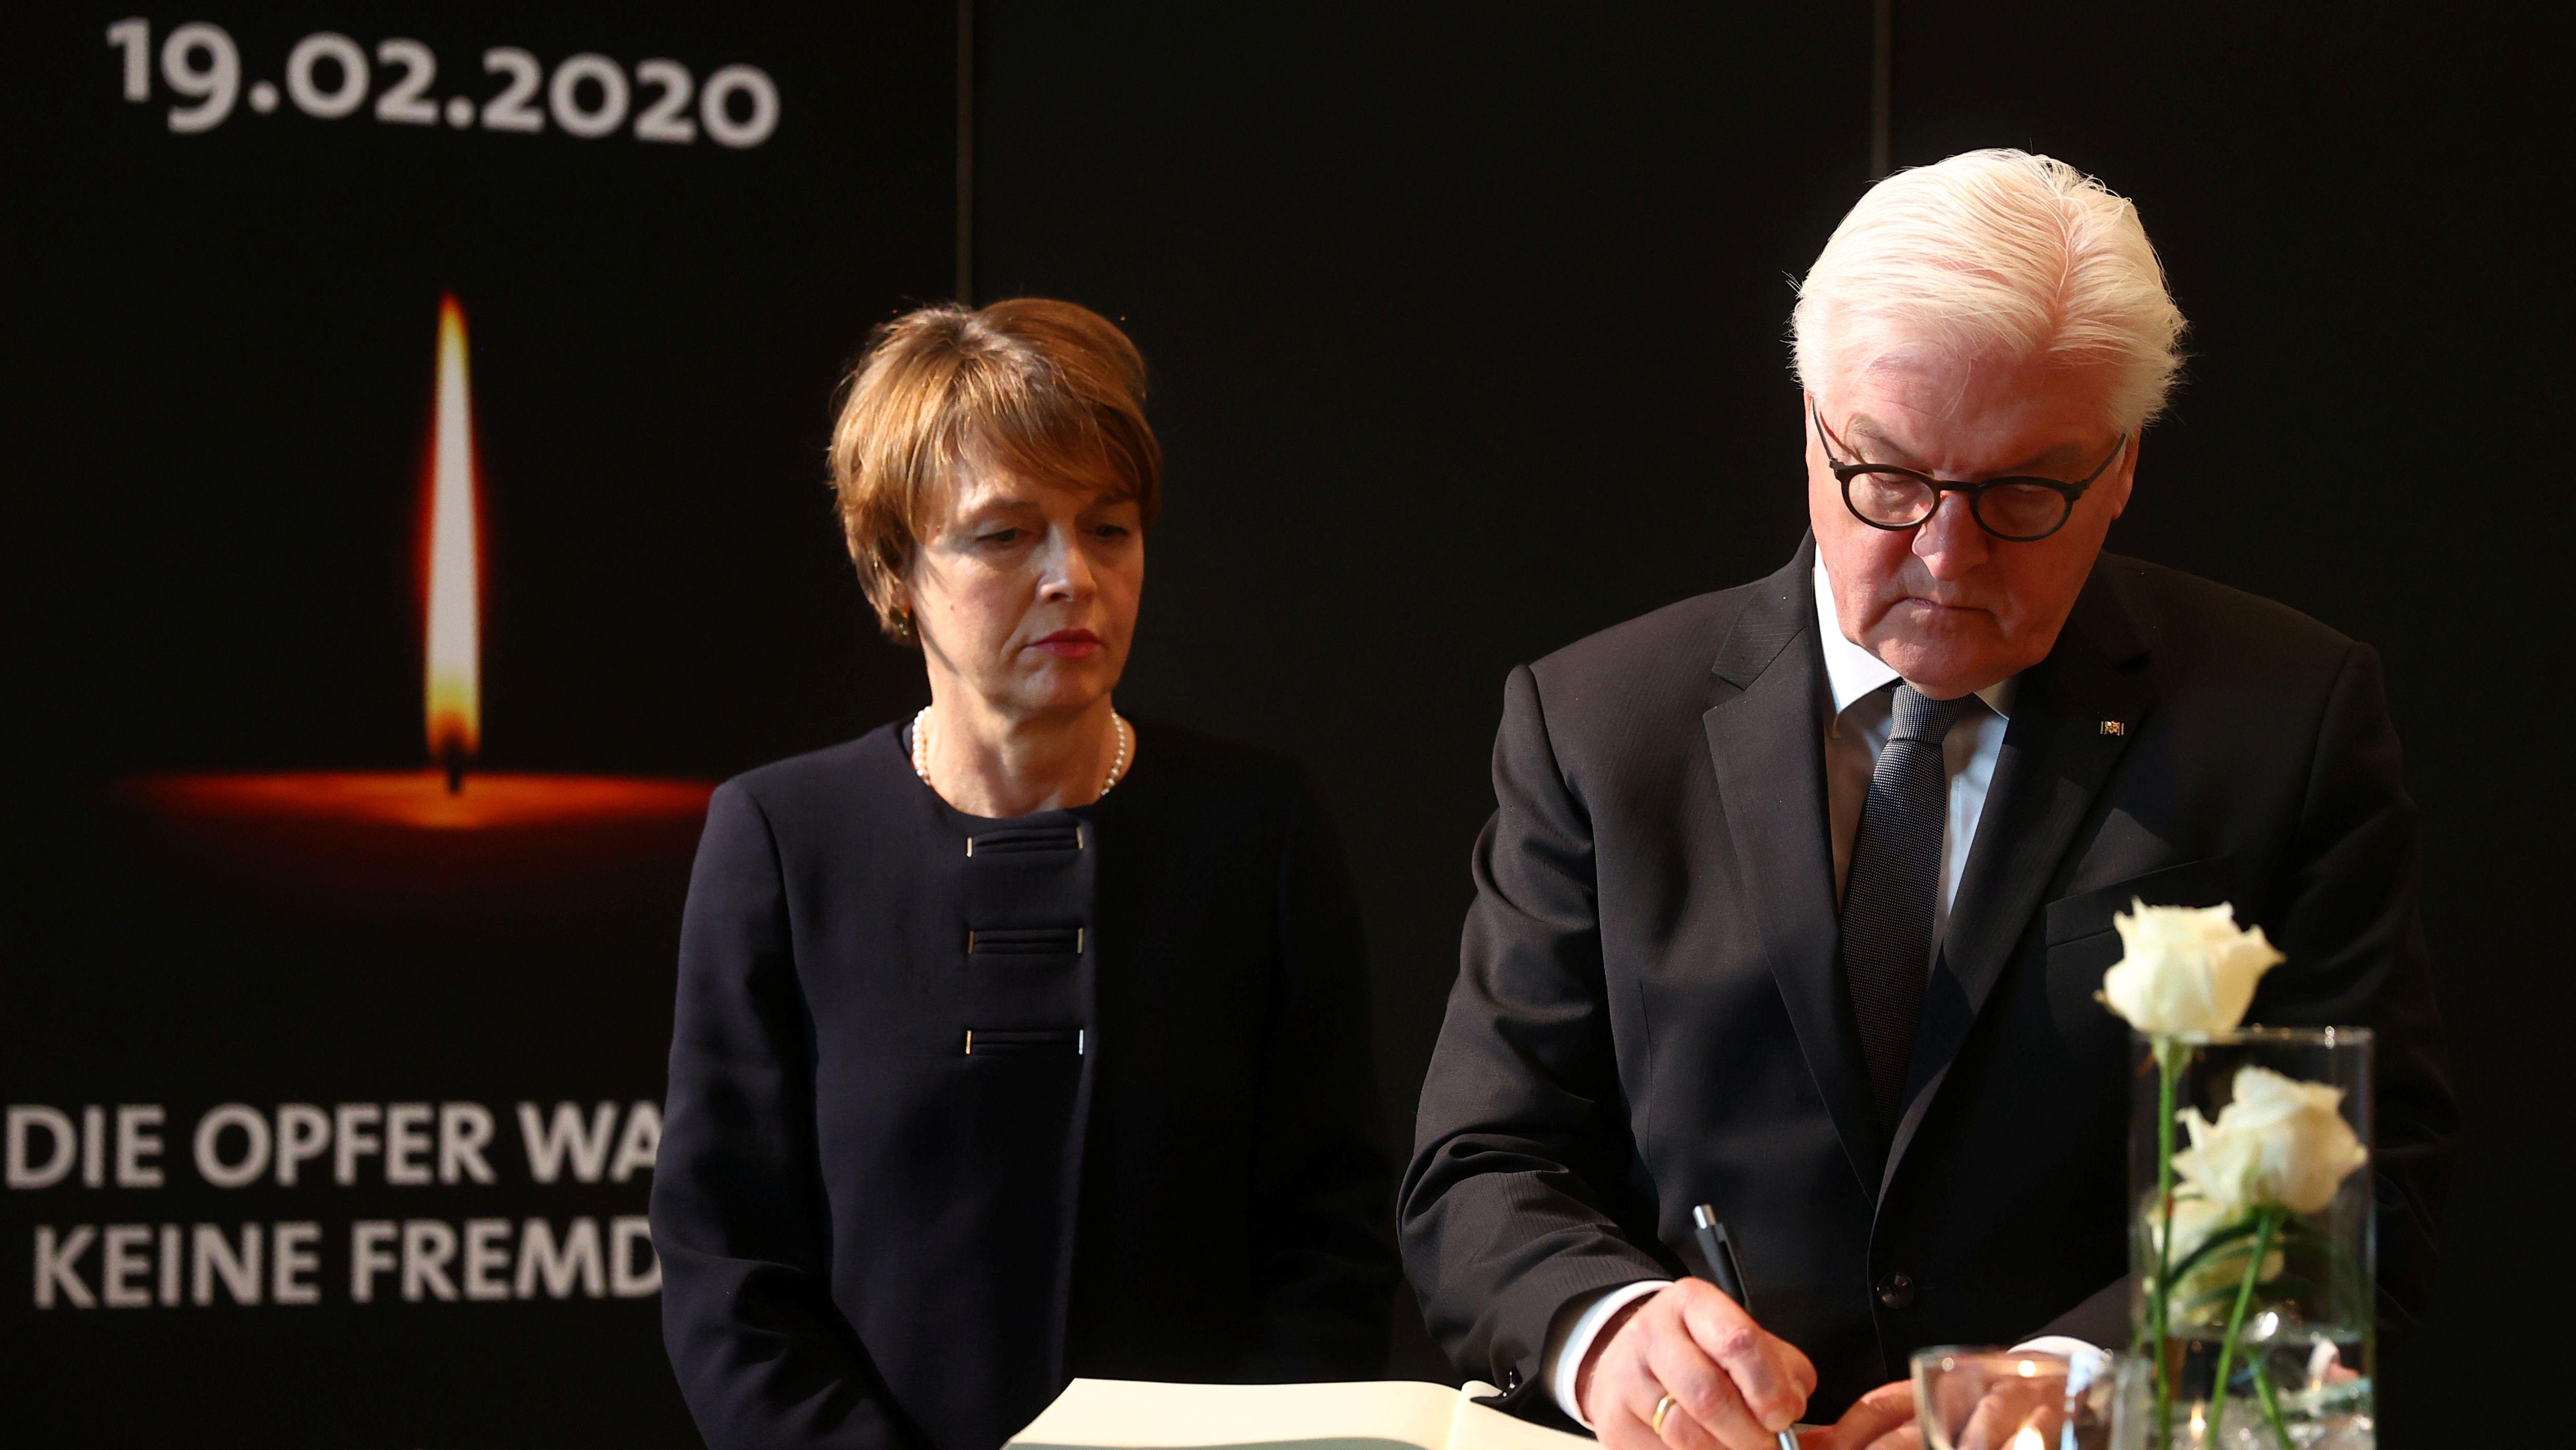 Bundespräsident Frank-Walter Steinmeier, begleitet von seiner Ehefrau Elke Büdenbender,unterschreibt das Kondolenzbuch bei der Gedenkfeier für die Opfer